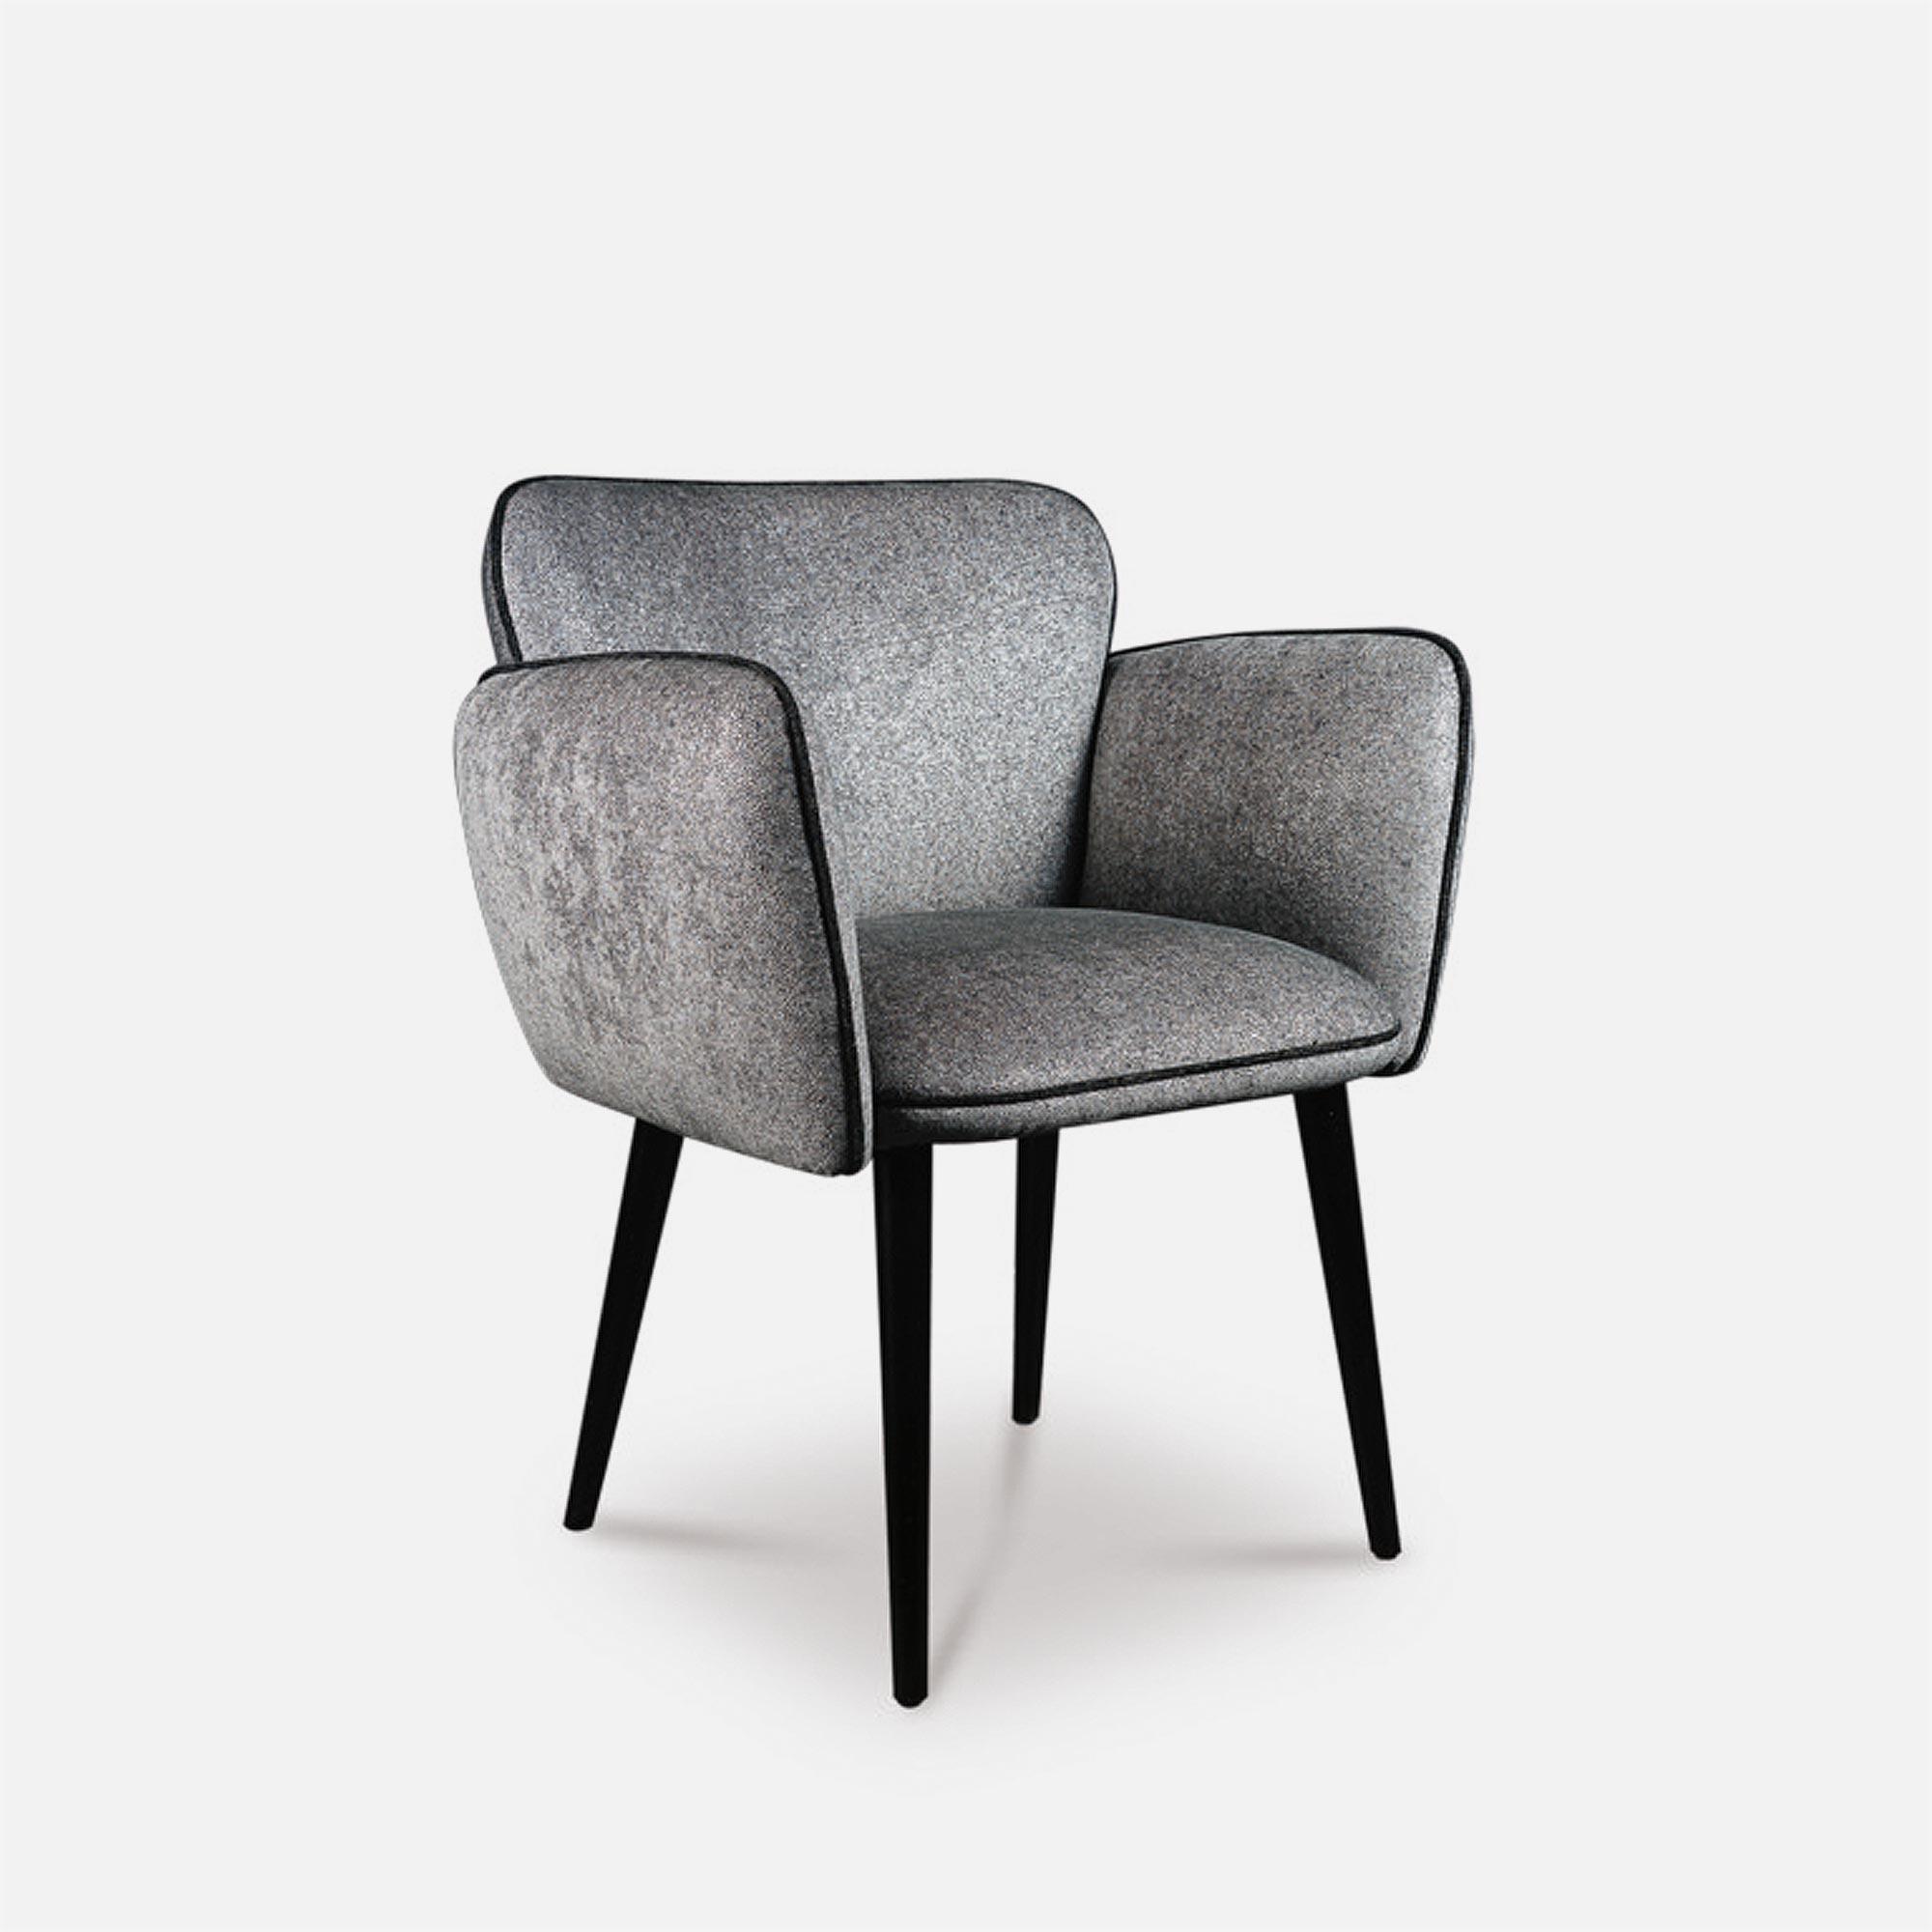 fauteuil design pour restaurant et h tel mellow collinet. Black Bedroom Furniture Sets. Home Design Ideas